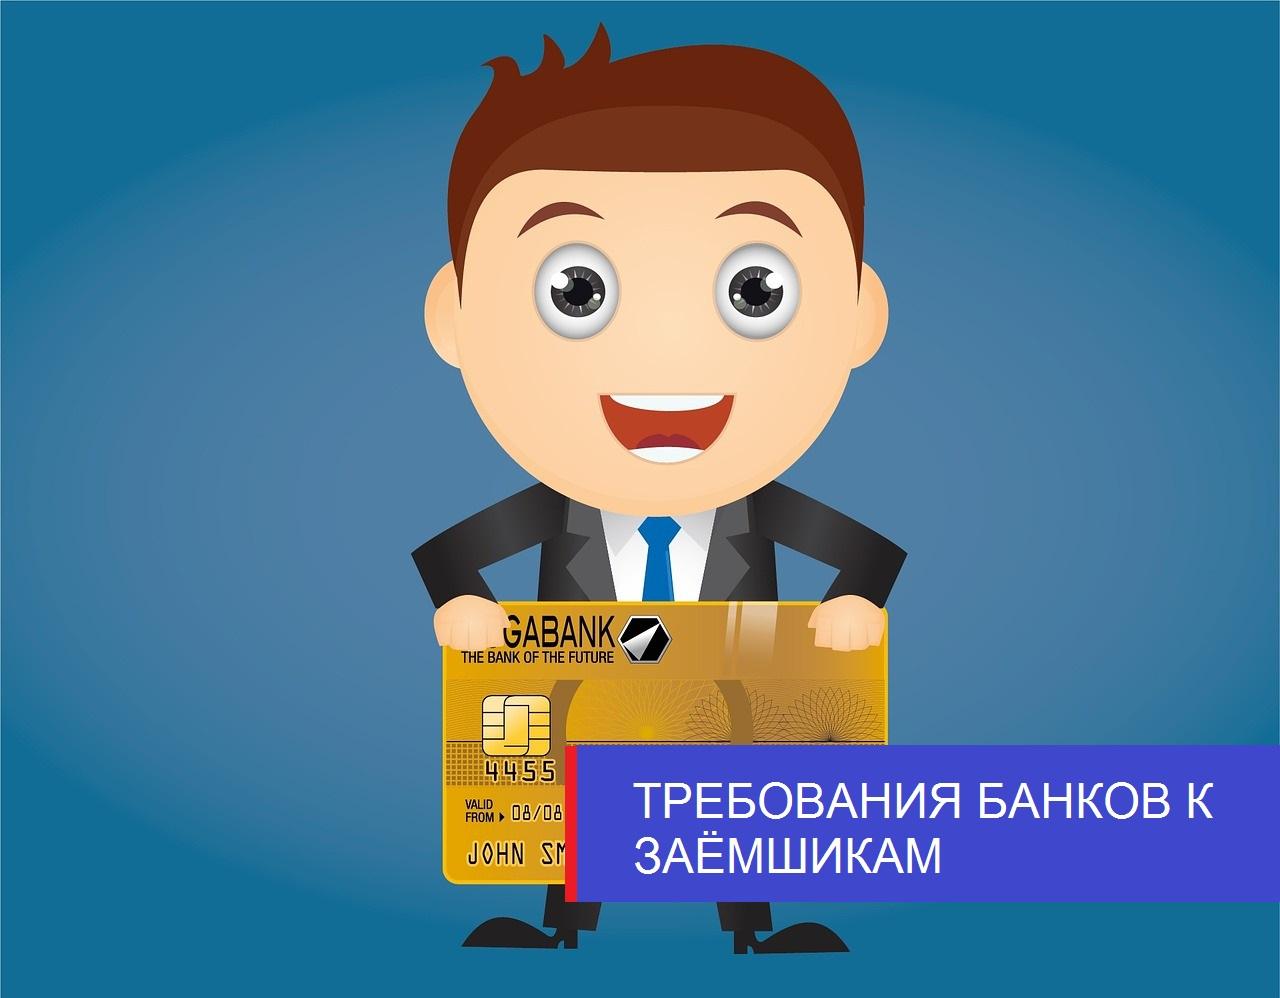 Кредитная карта или потребительский кредит что выгоднее